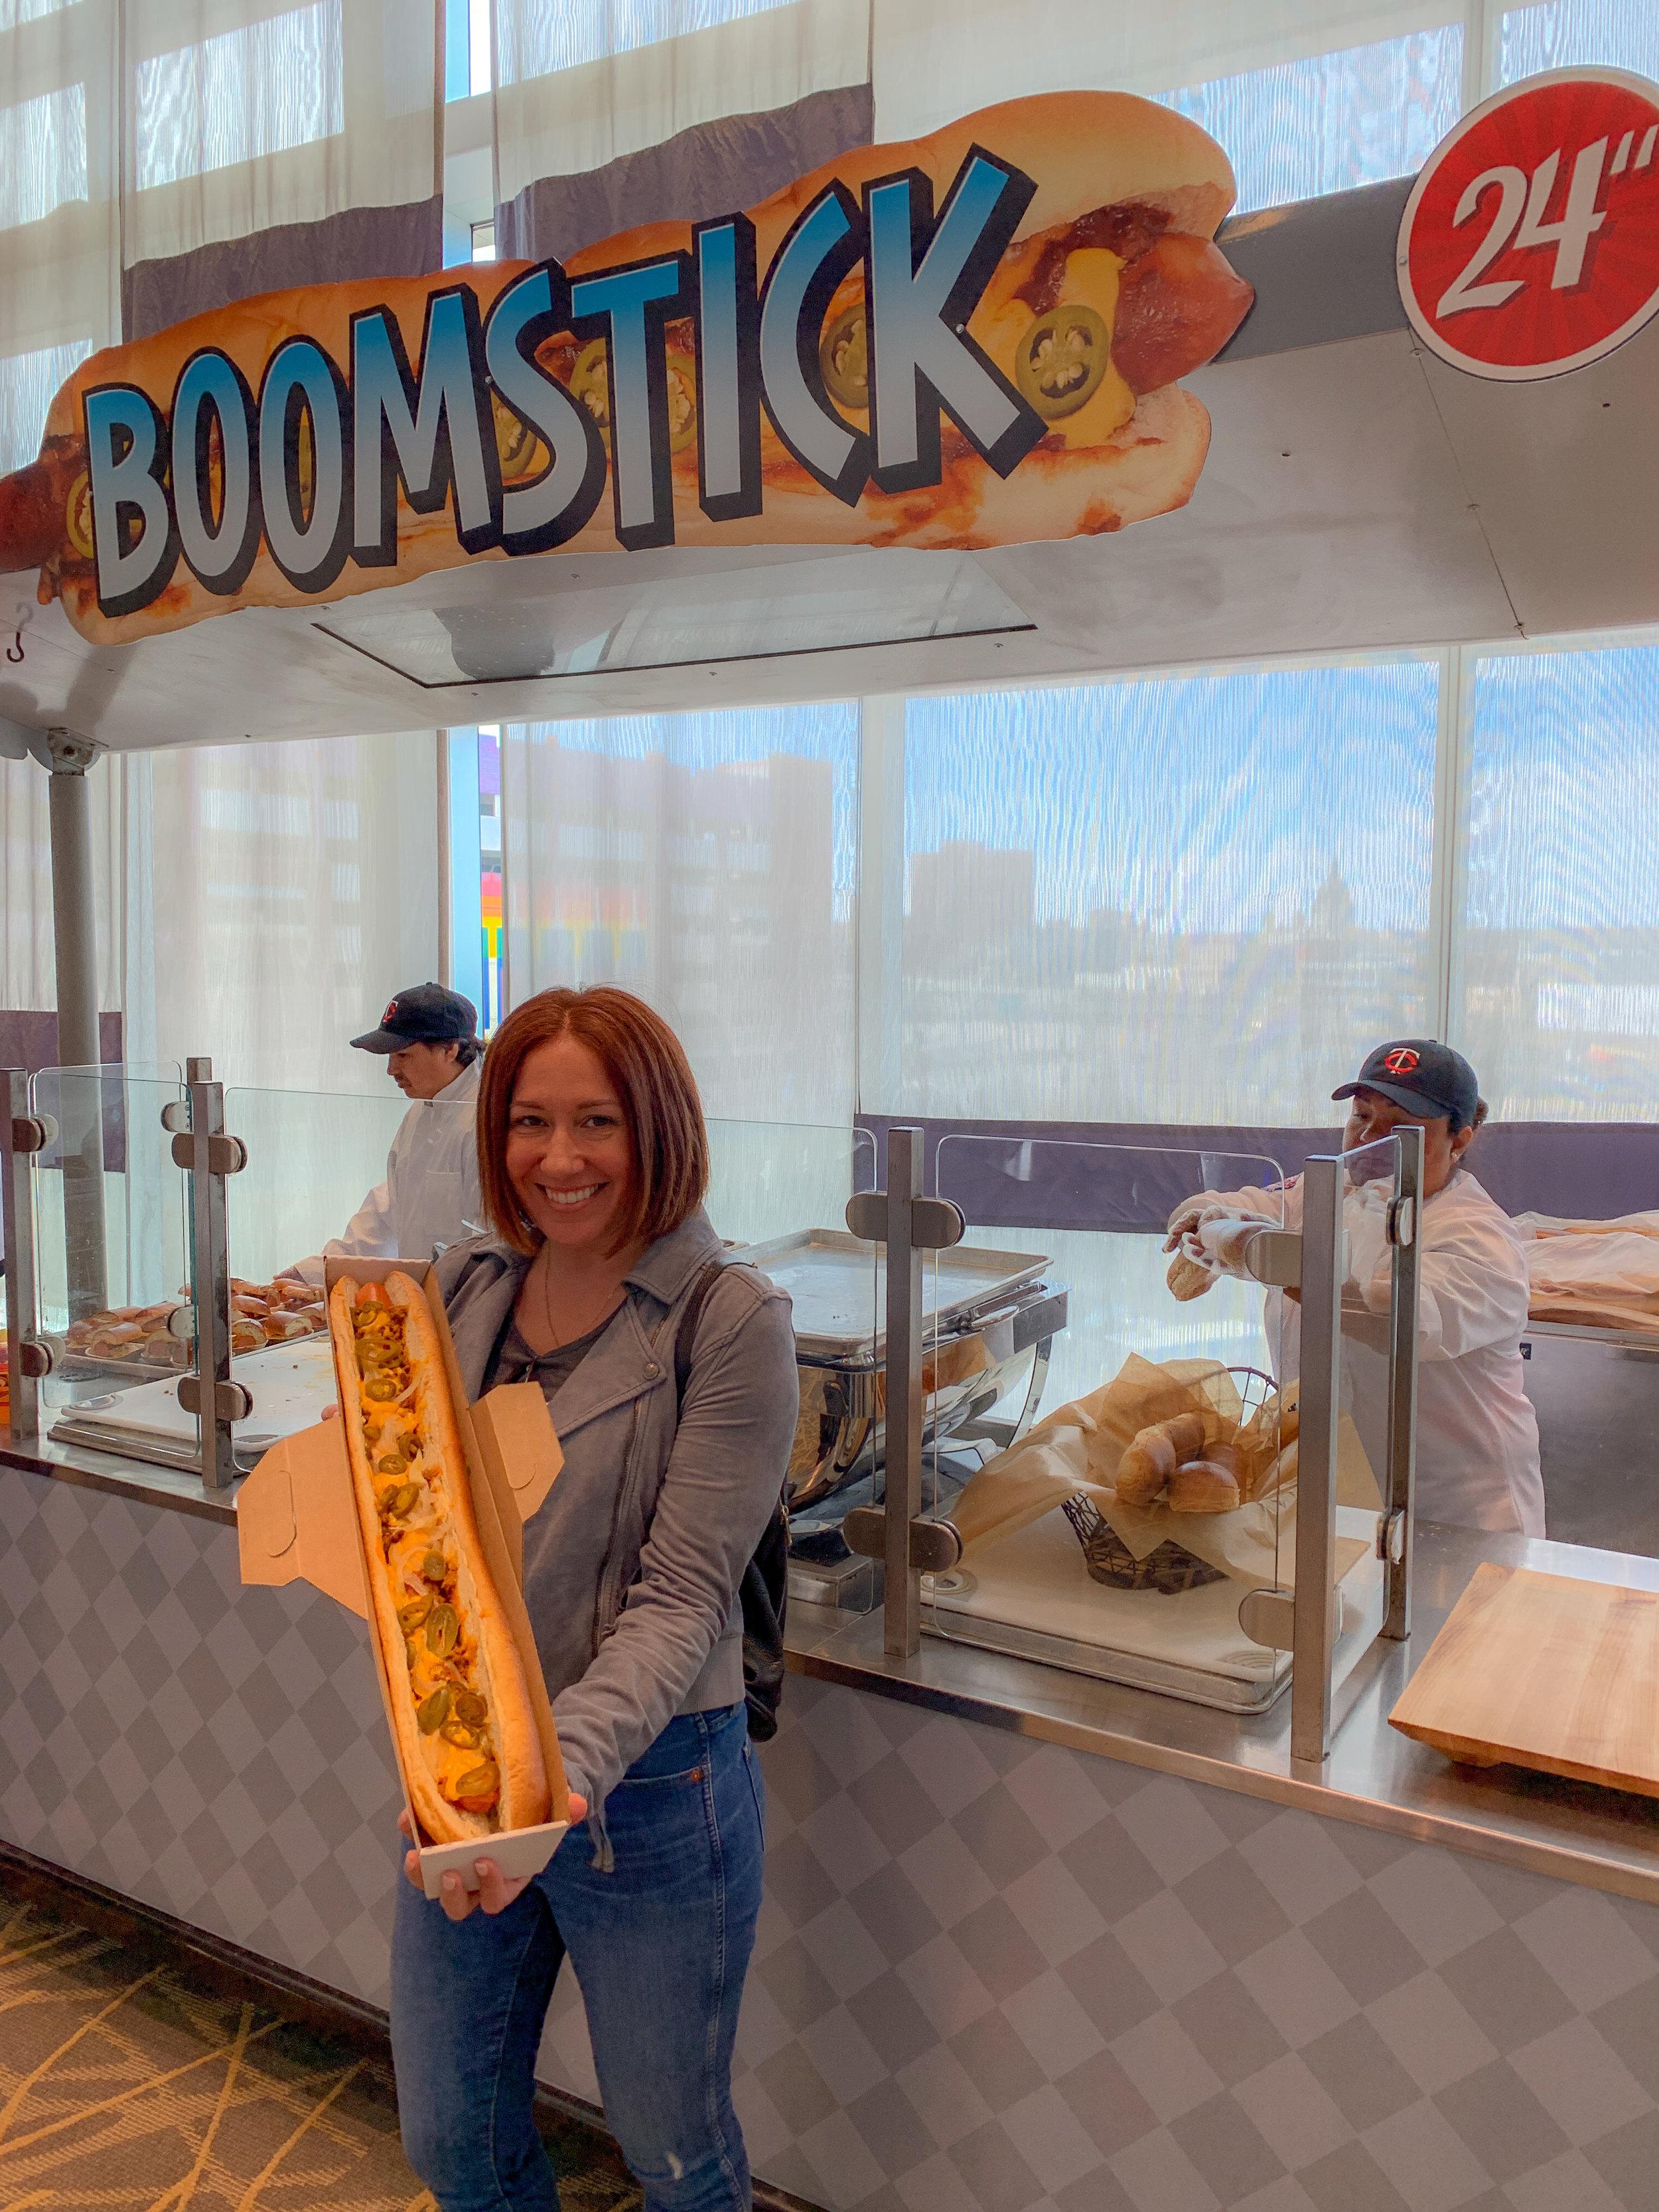 Broomstick 2' Hotdog